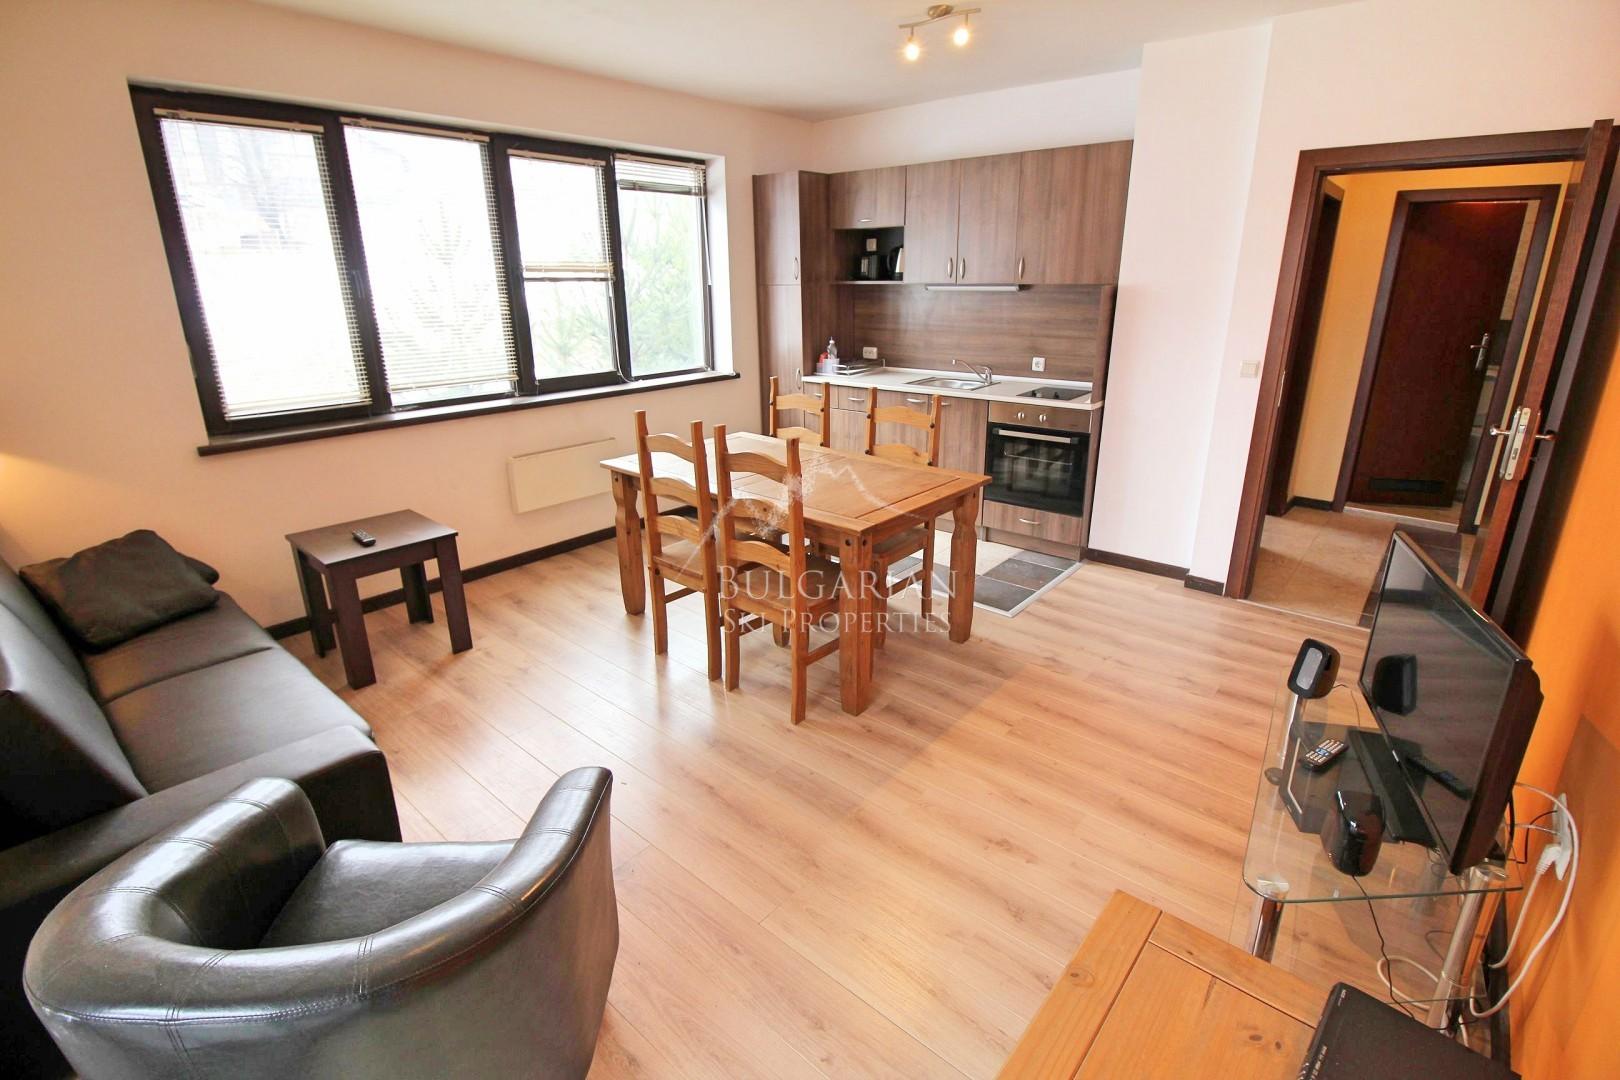 Роял Банско Комплексе: меблированная двухкомнатная квартира на продажи